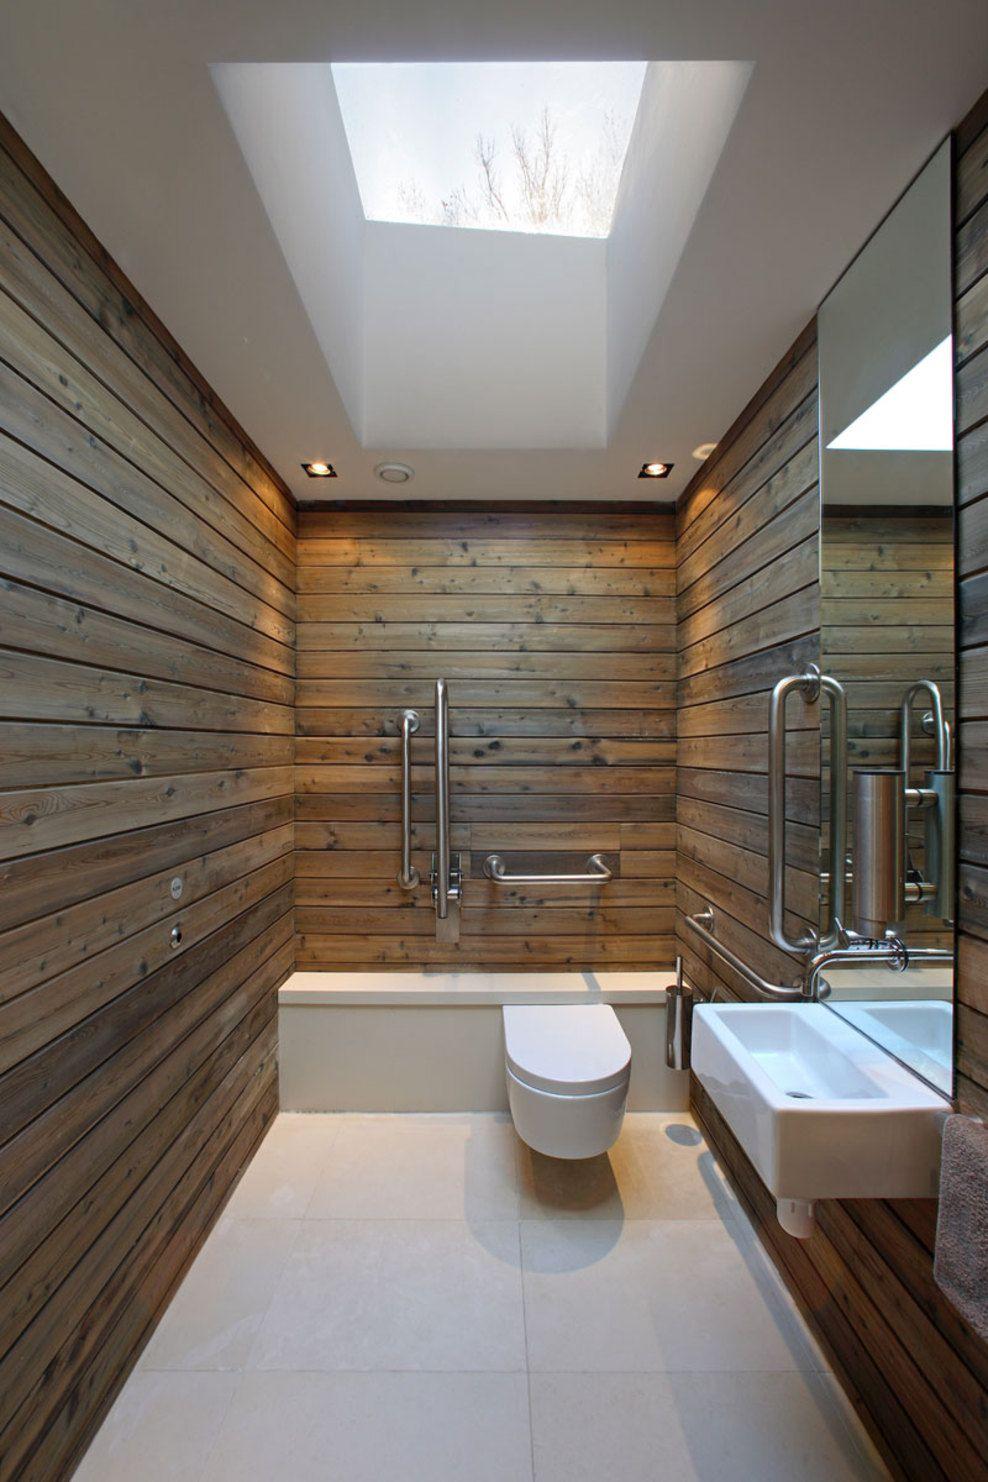 Wood bathroom designs - 46 Bathroom Interior Designs Made In Rustic Barns